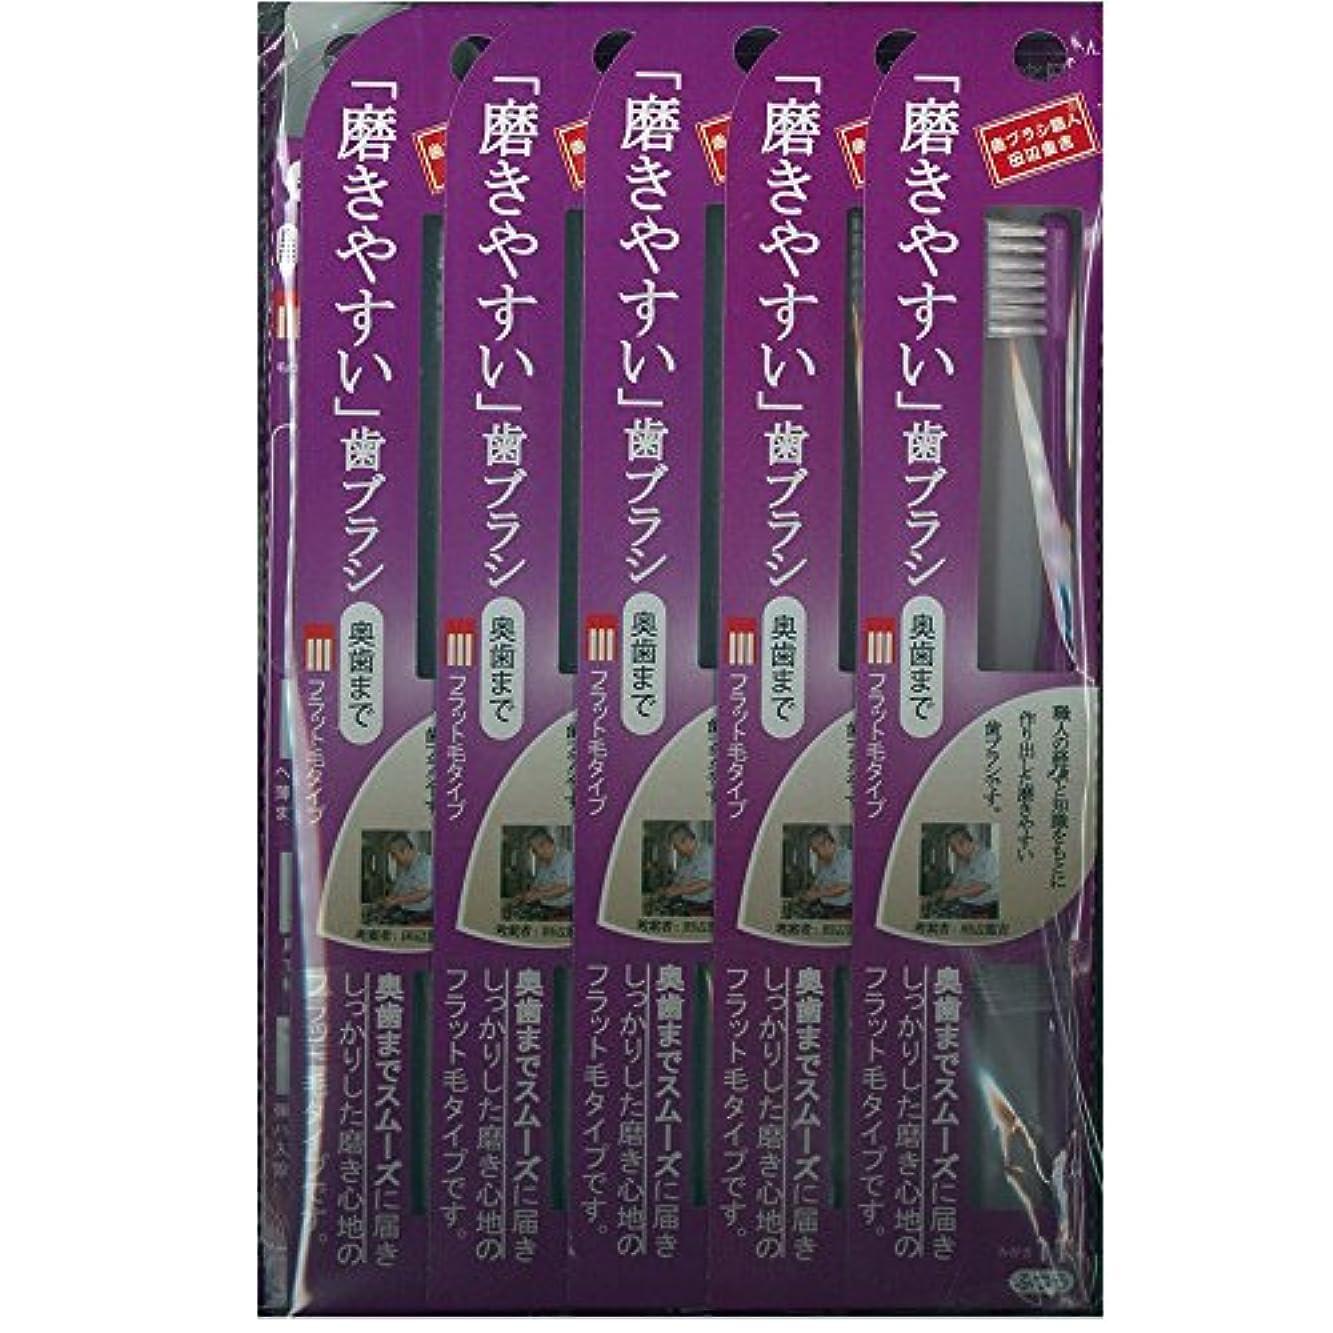 メドレー社会主義者破壊する磨きやすい歯ブラシ(奥歯まで)フラット LT-11×12本セット( ピンク×4本、ブルー×4本、グリーン×2本、パープル×2本)